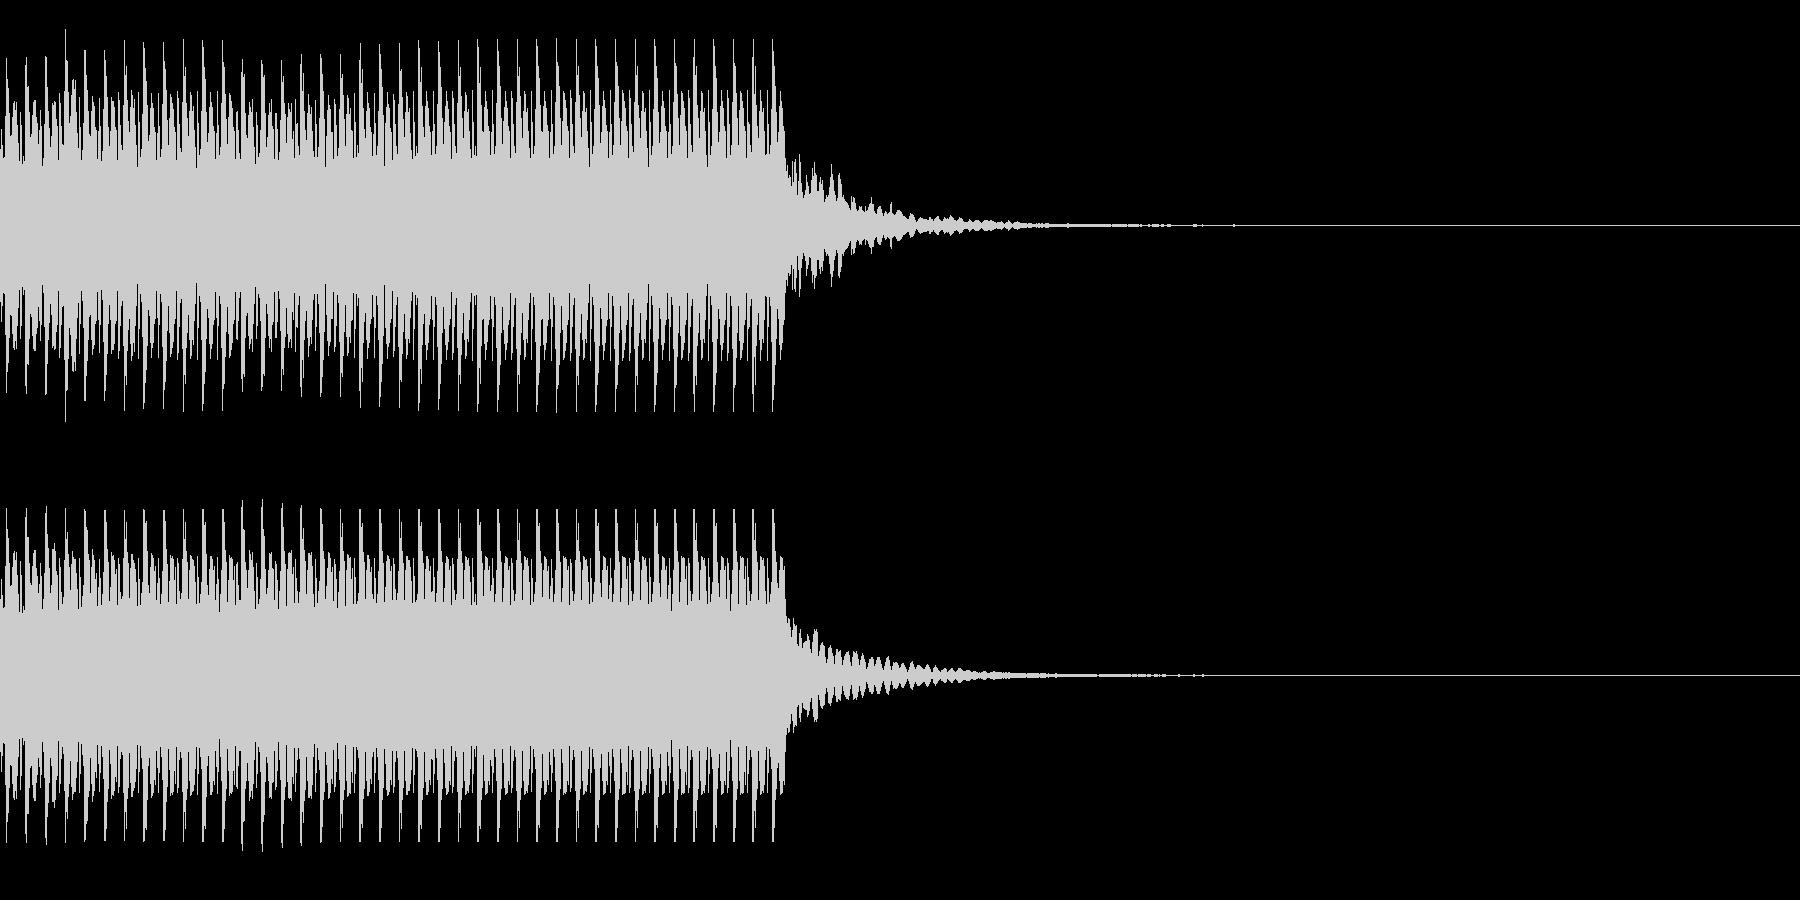 コイン40枚獲得 集計 スコア チャリンの未再生の波形